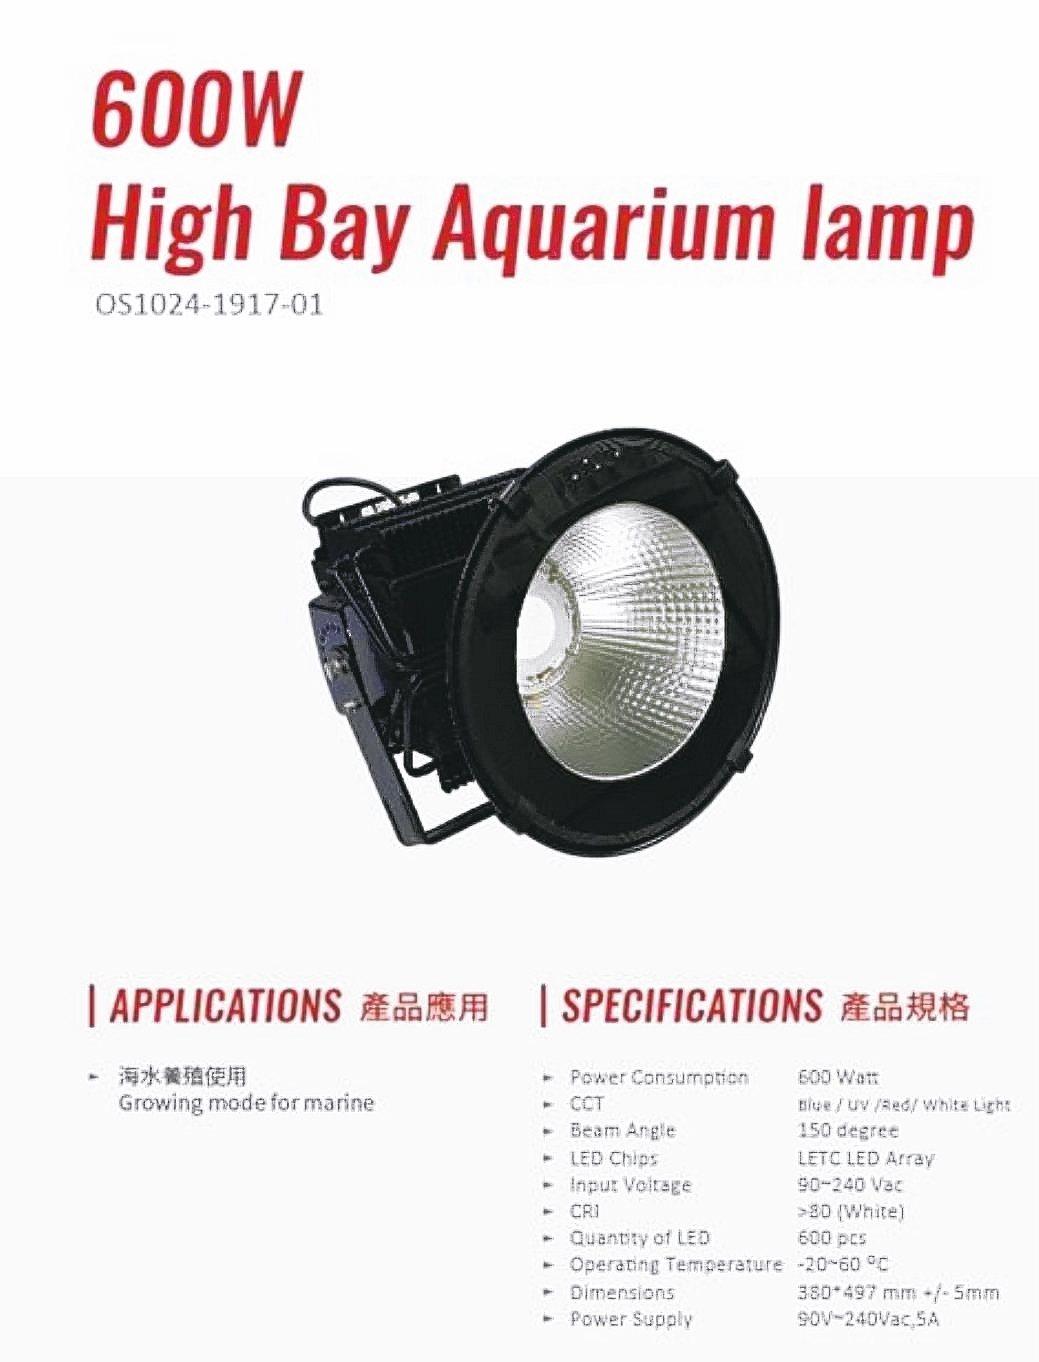 正能光電海科館標案燈具,適用於海水養殖使用。 圖/正能光電提供